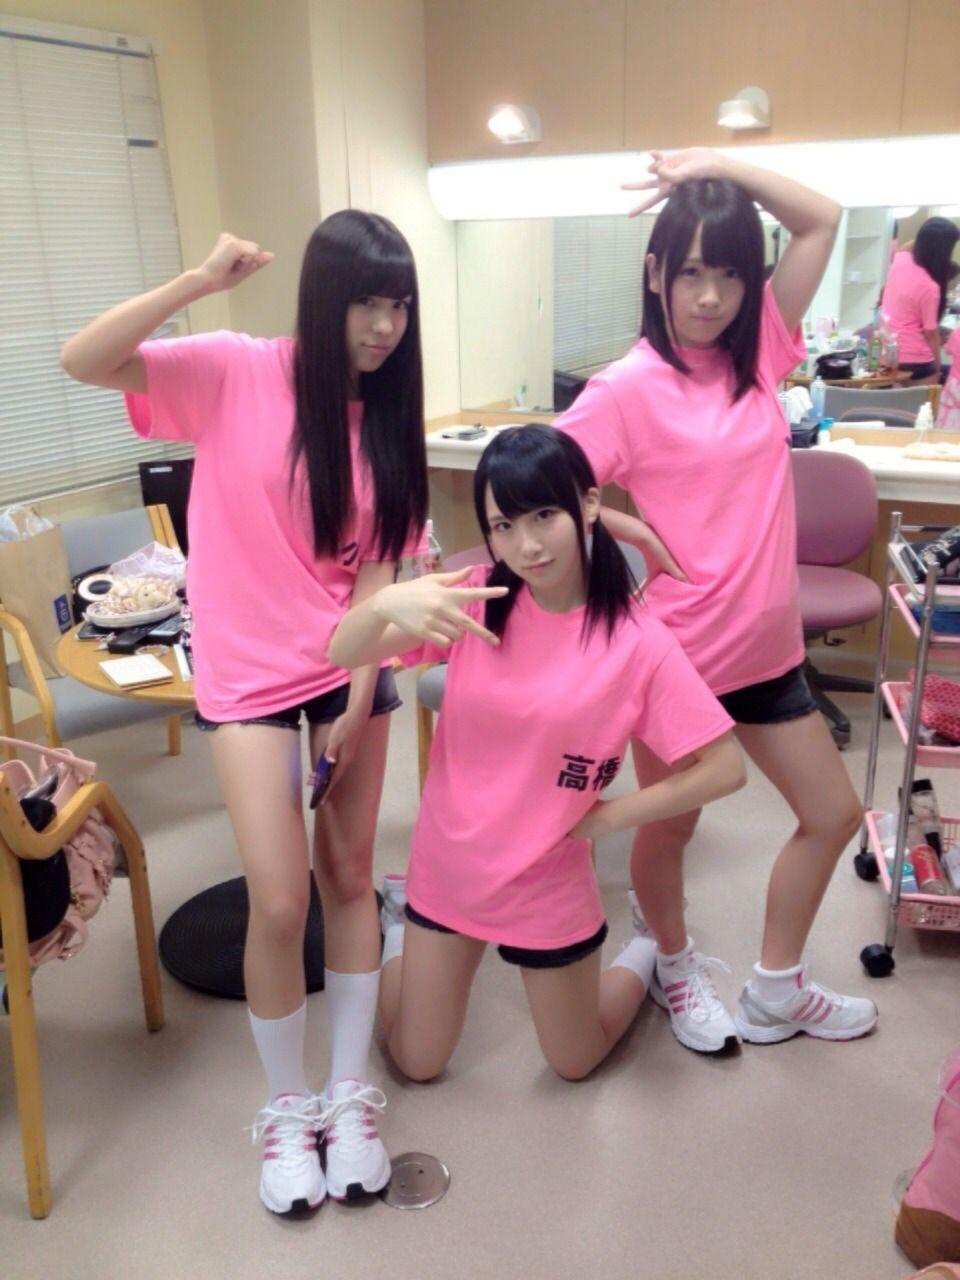 [LIVE] 節目討論 130923 有吉AKB共和國 AKBvsSKE - 看板 AKB48 - 批踢踢實業坊